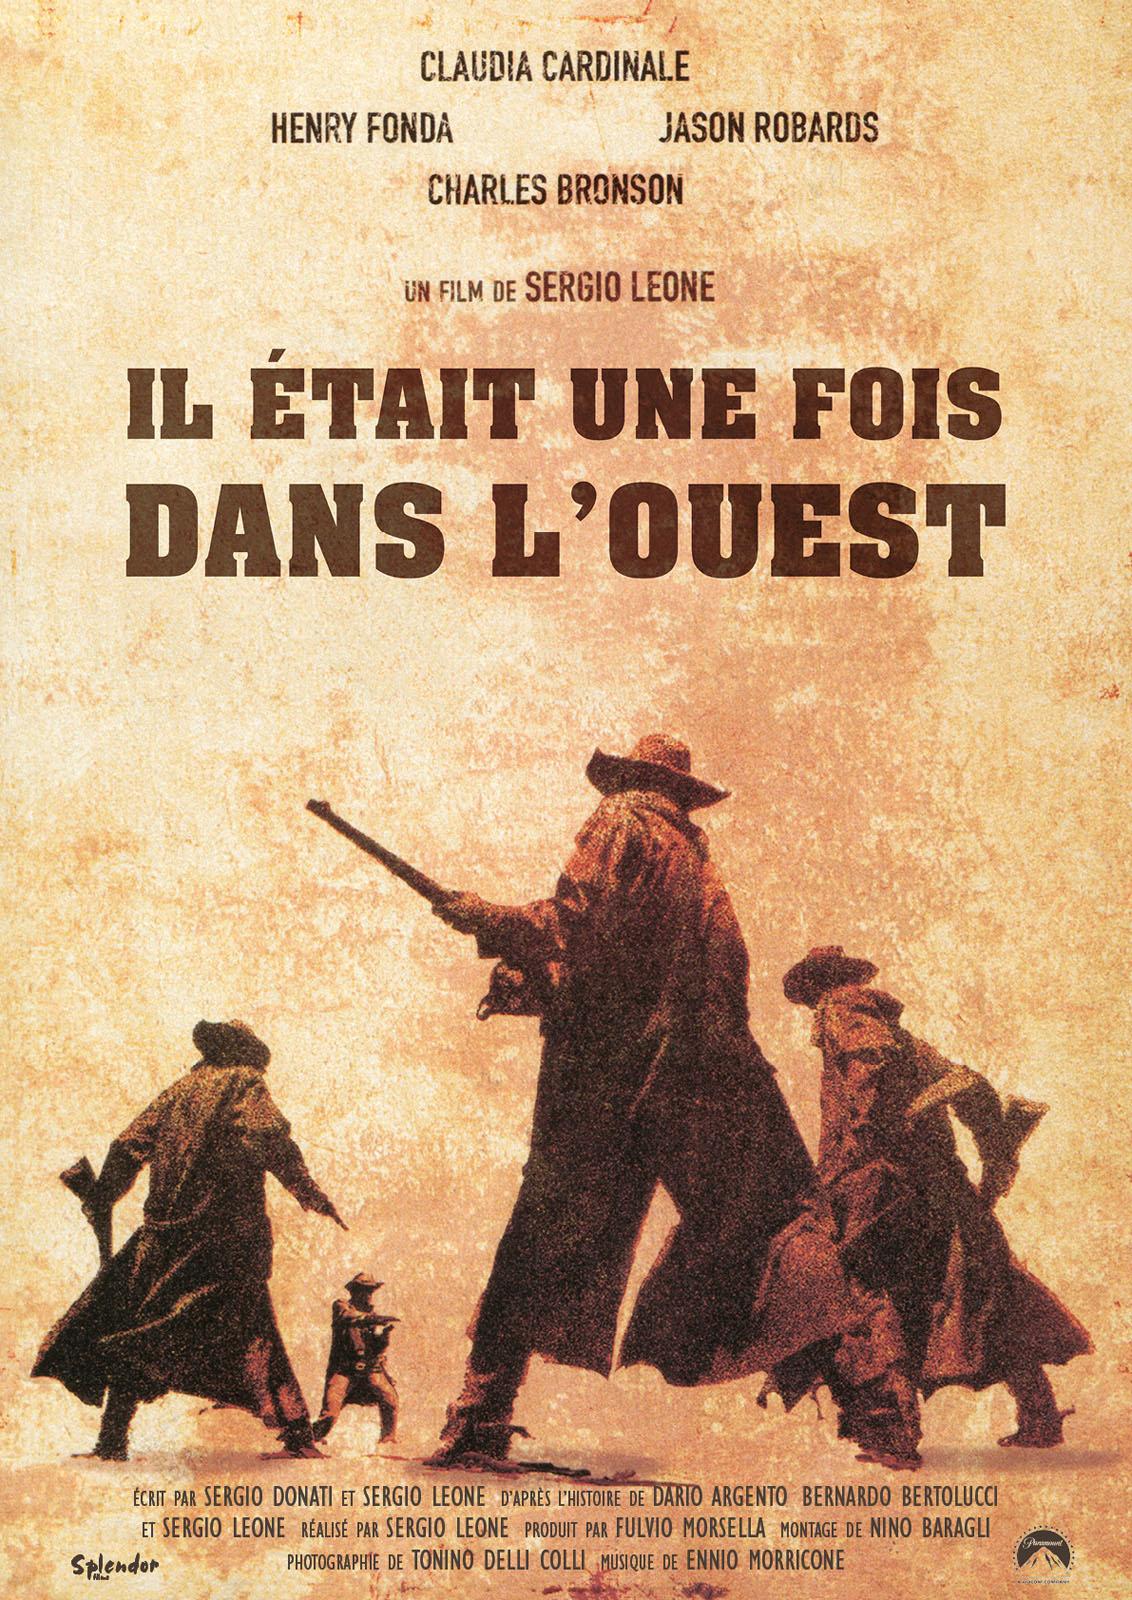 Il était une fois dans l'Ouest - film 1968 - AlloCiné